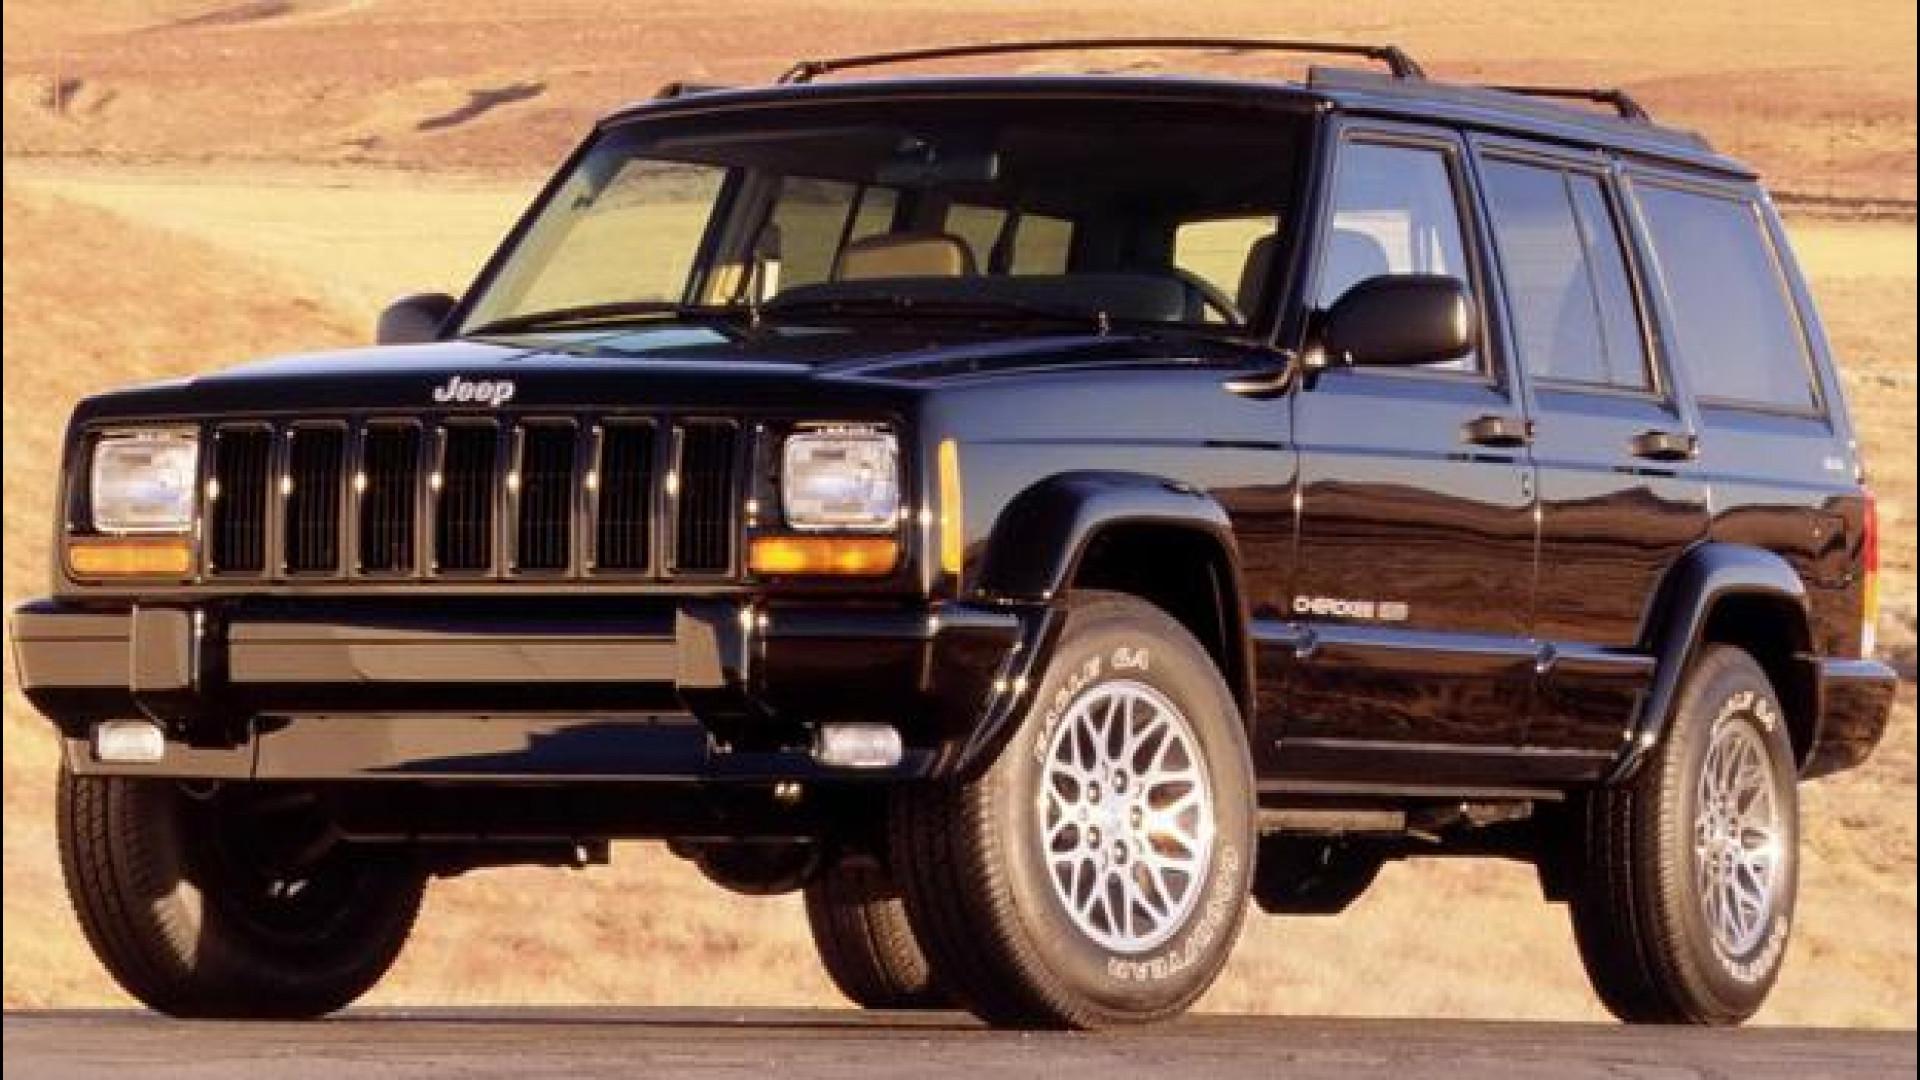 Schema Elettrico Jeep Cherokee : Jeep cherokee generazioni in anni